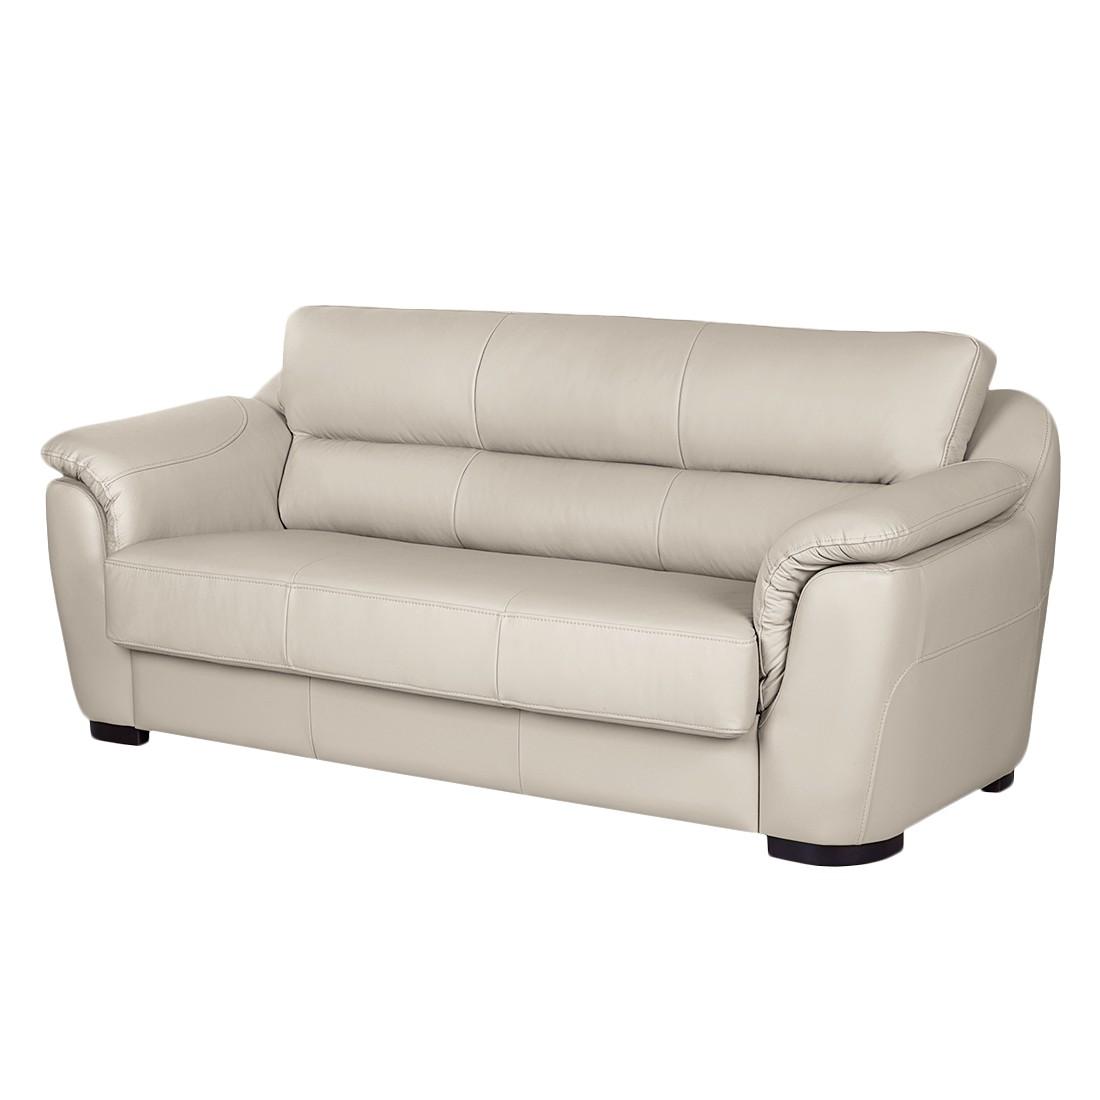 sofa alzira 3 sitzer echtleder taupe nuovoform g nstig. Black Bedroom Furniture Sets. Home Design Ideas